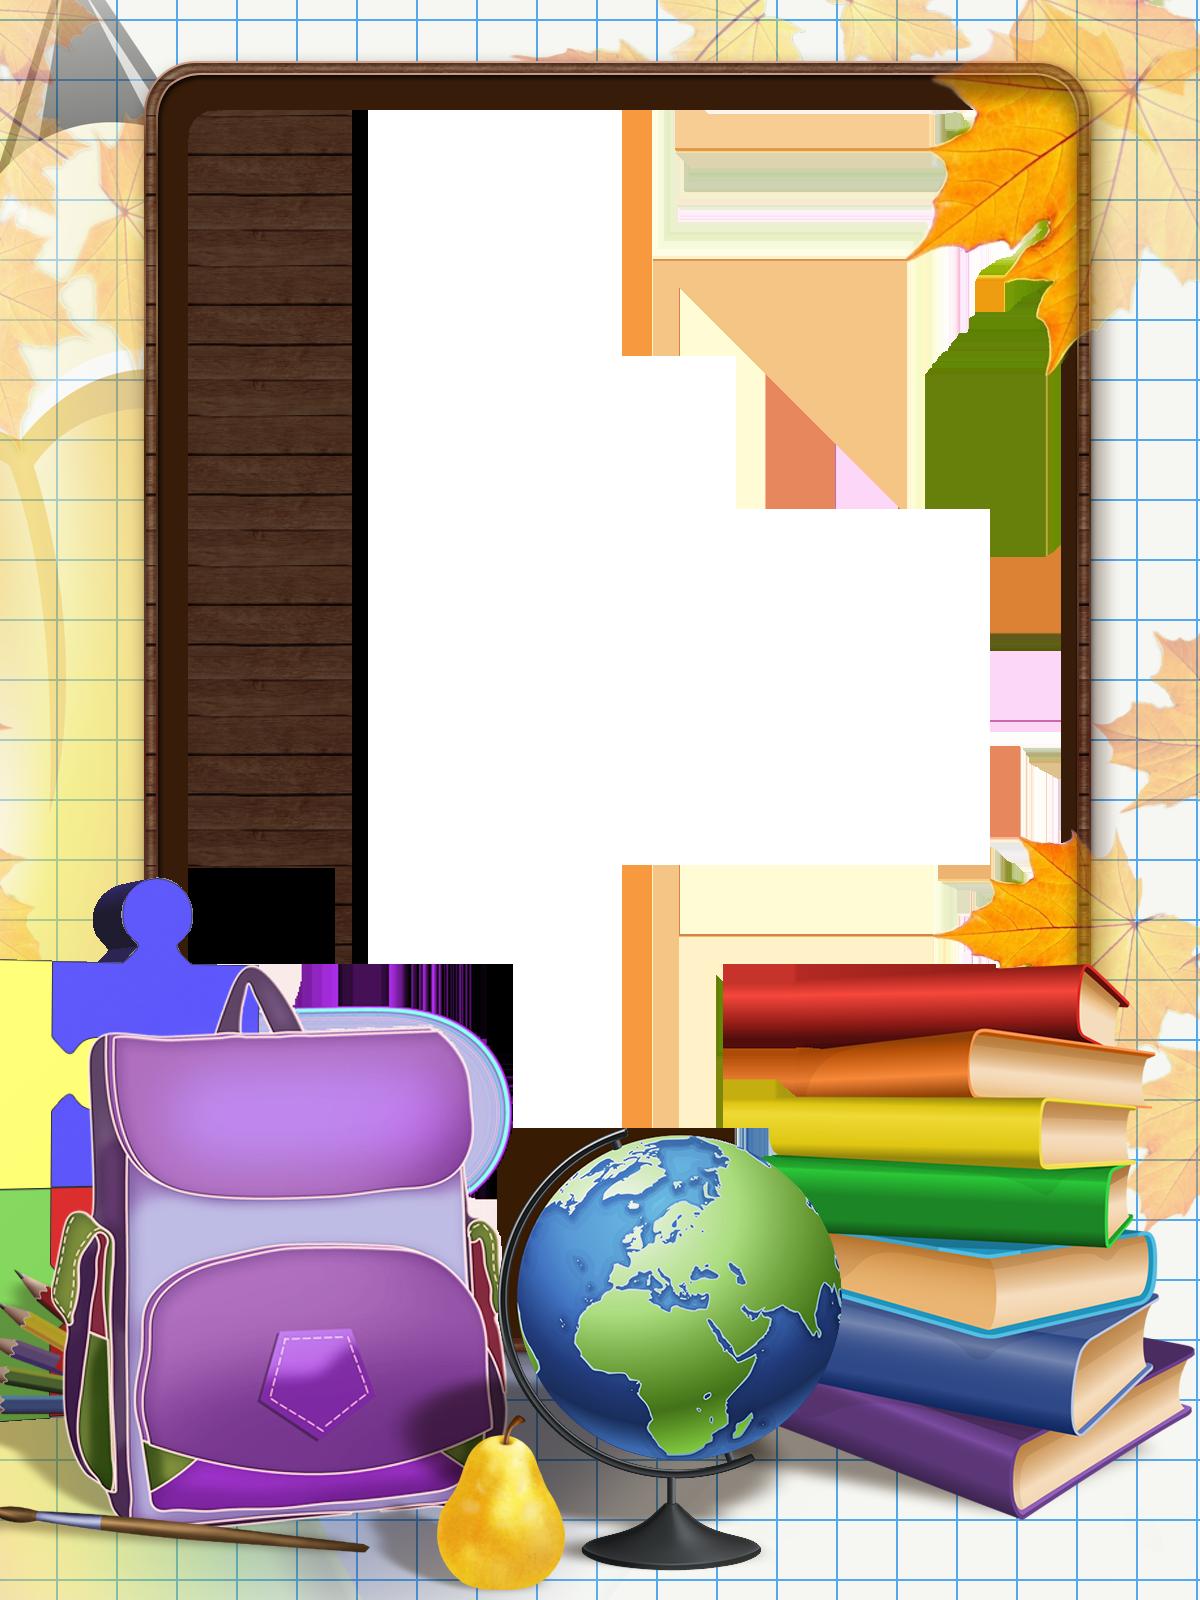 Фоторамка День знаний Фоторамка для фотошопа, PNG шаблон. Фоторамка к первому сентября. Фиолетовый портфель, глобус и стопка книг.